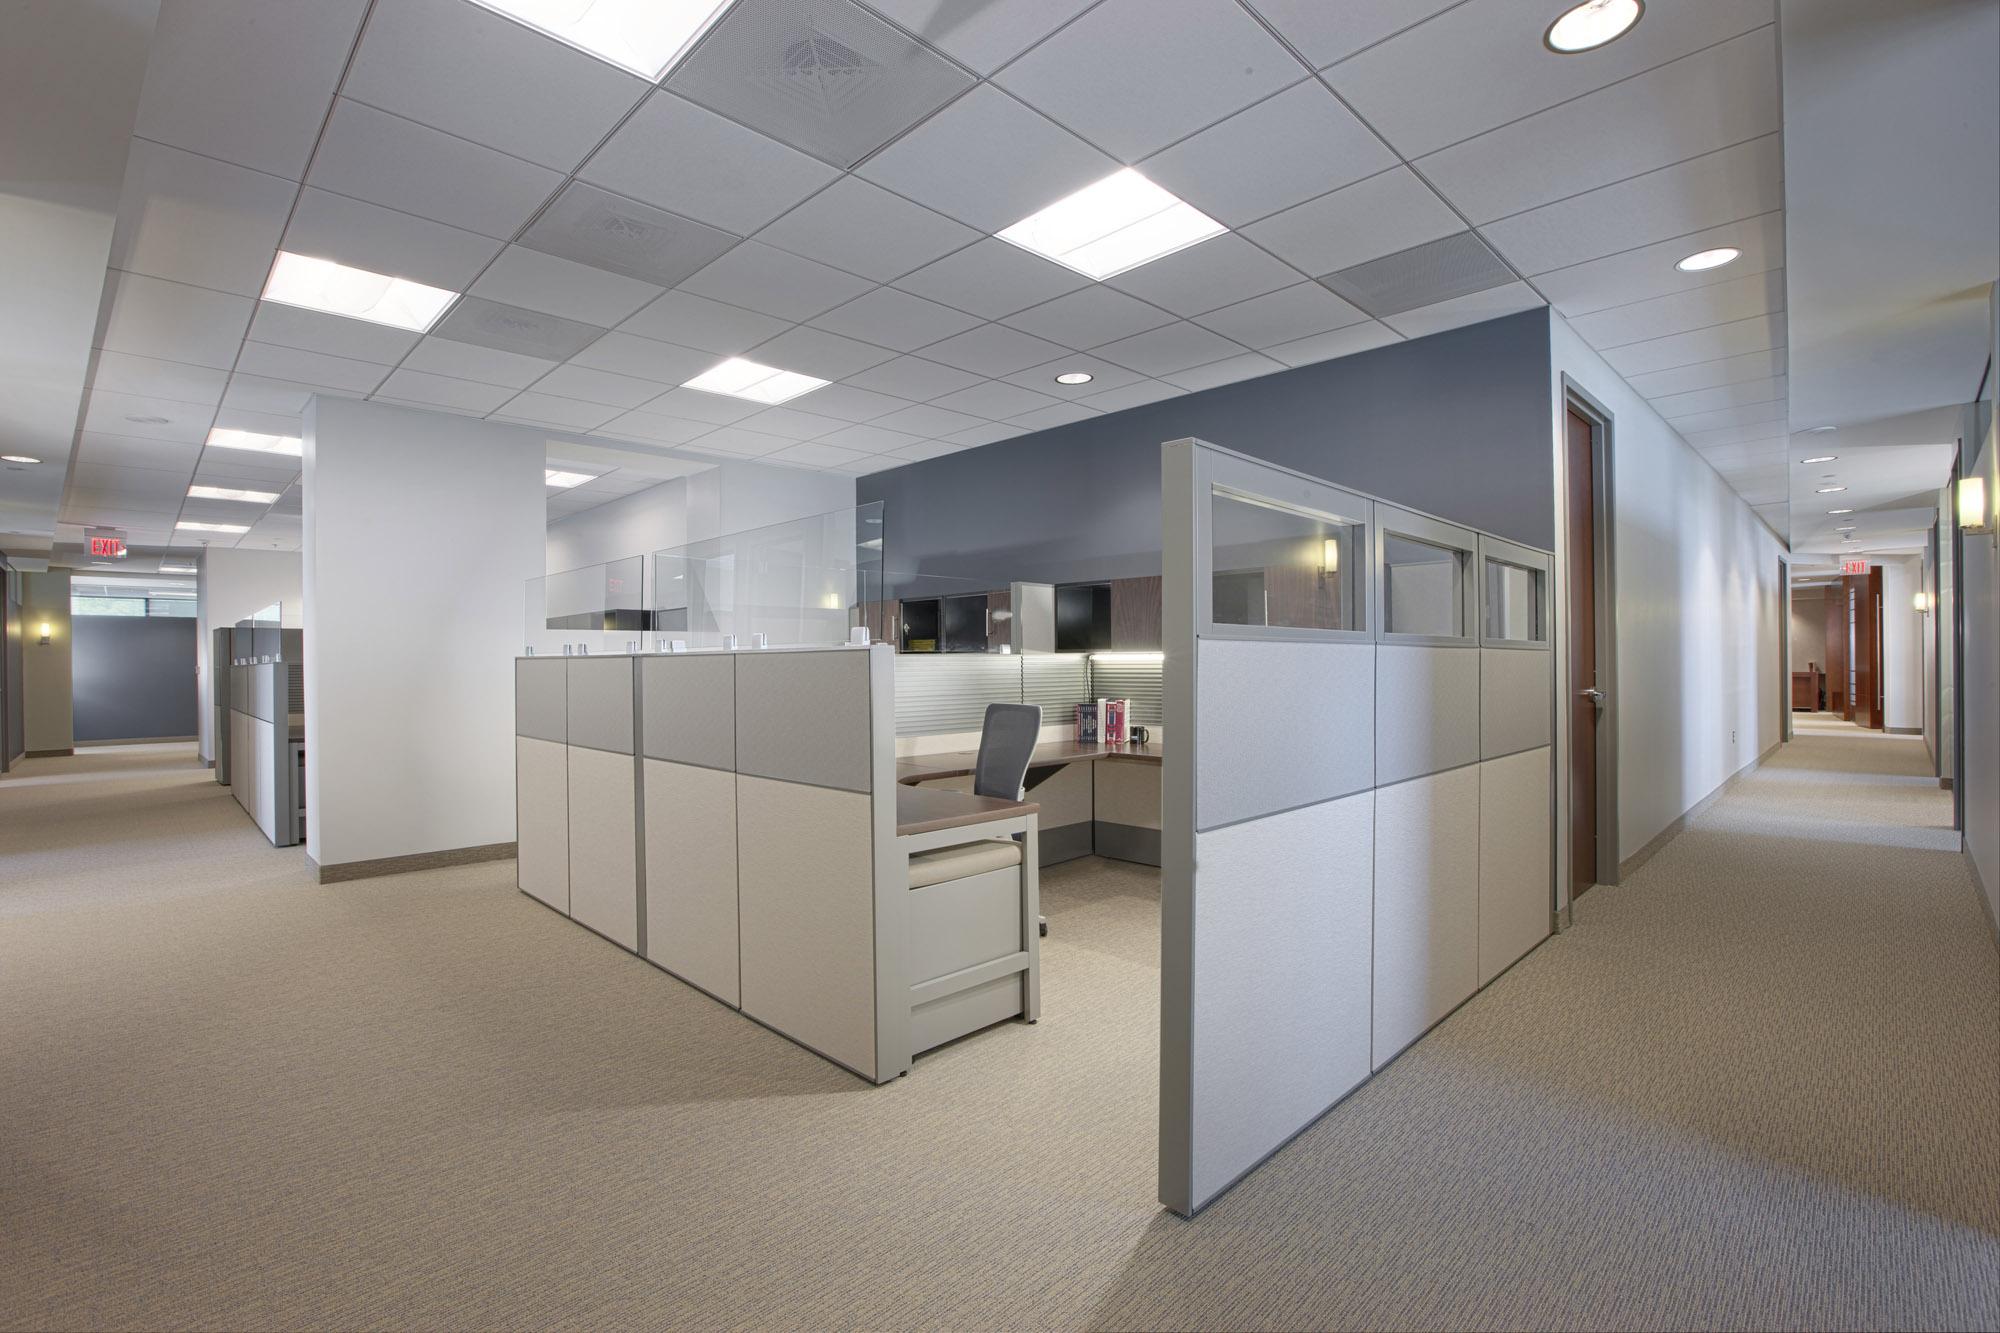 DRS VA Office Interior Image R121366.jpg